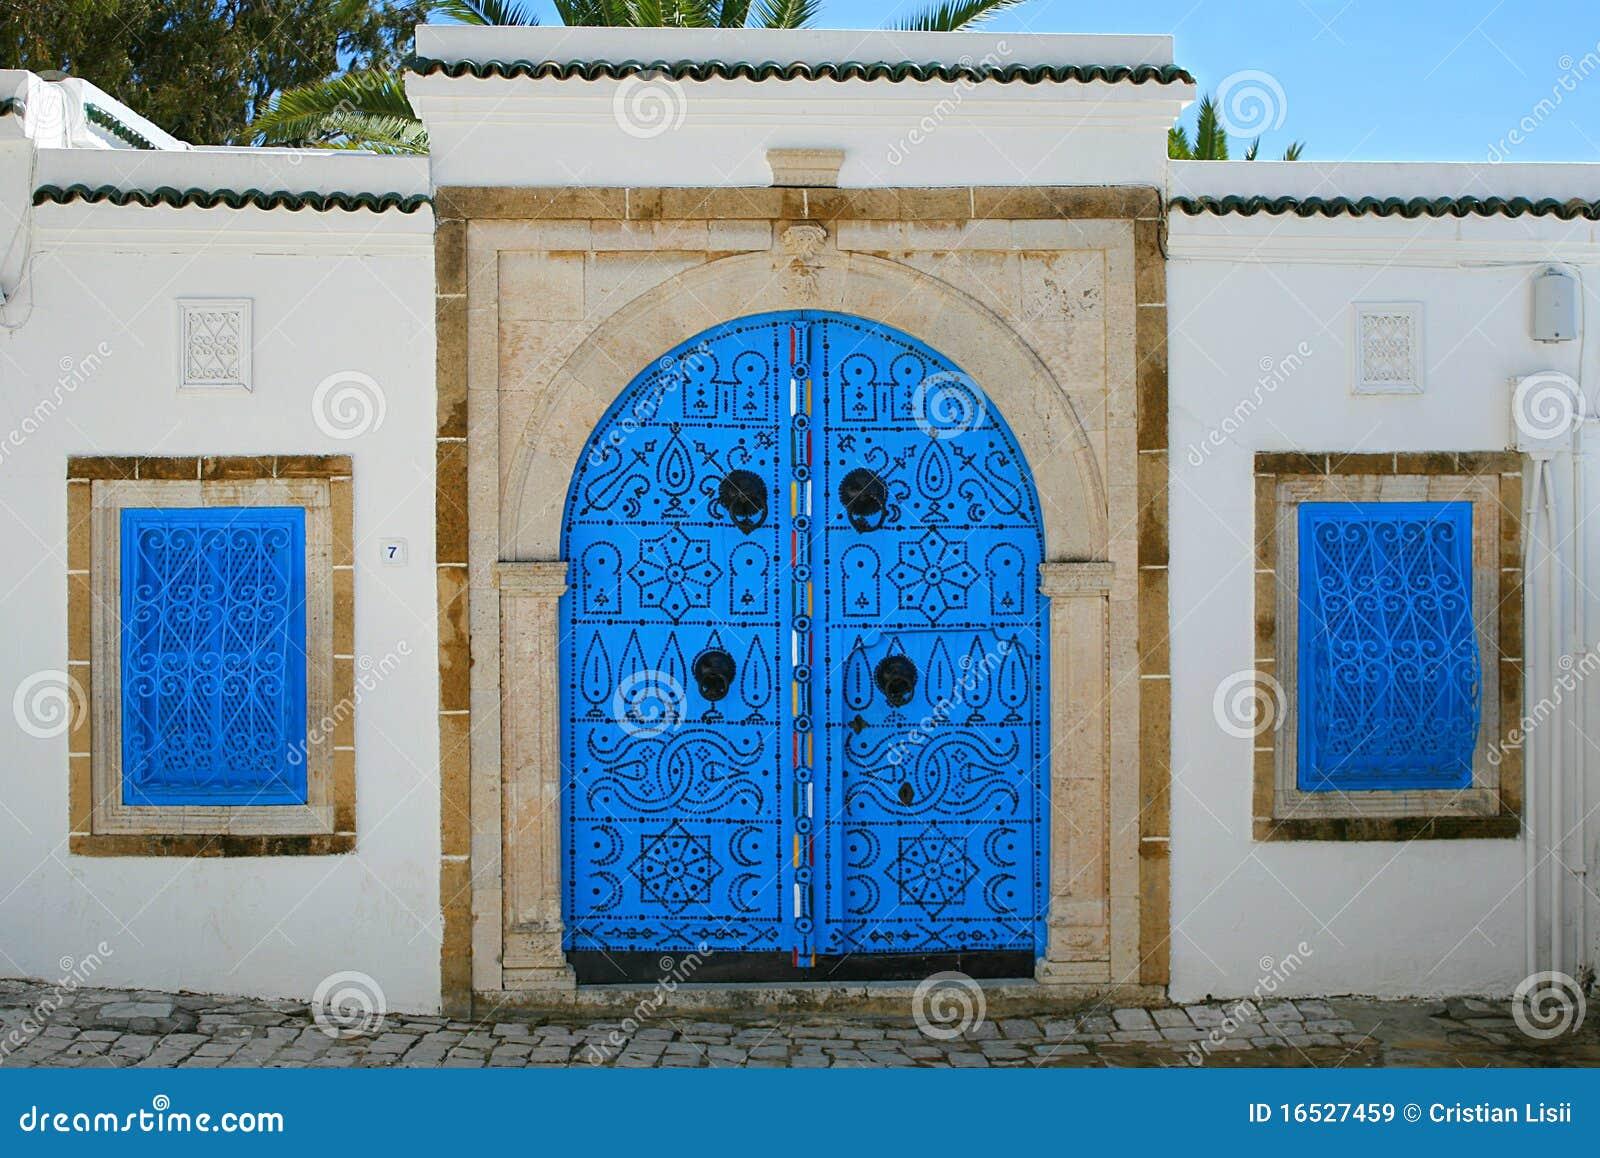 Entrada de la casa en estilo rabe tunecino im genes de - Casas estilo arabe ...